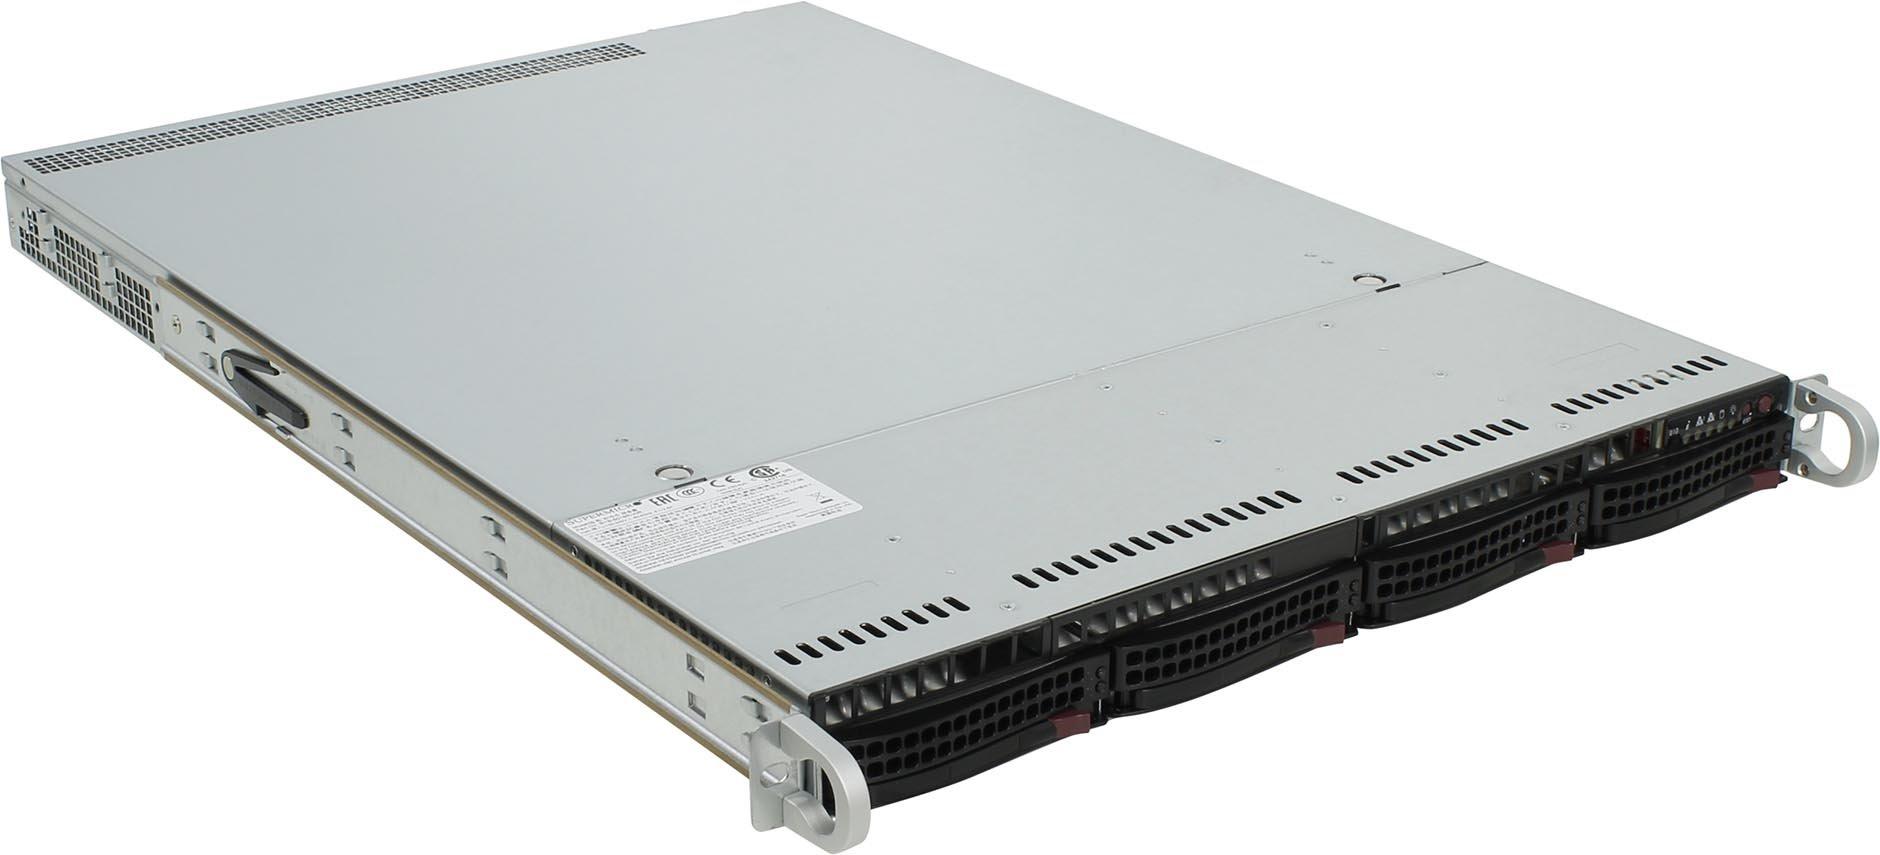 OLDI Computers SERVER Rack 1U / Xeon E5-1660v4 3.2GHz / 16GB / 2x1TB / Aspeed AST2400 BMC / noDVD / Windows Server 2019 Std